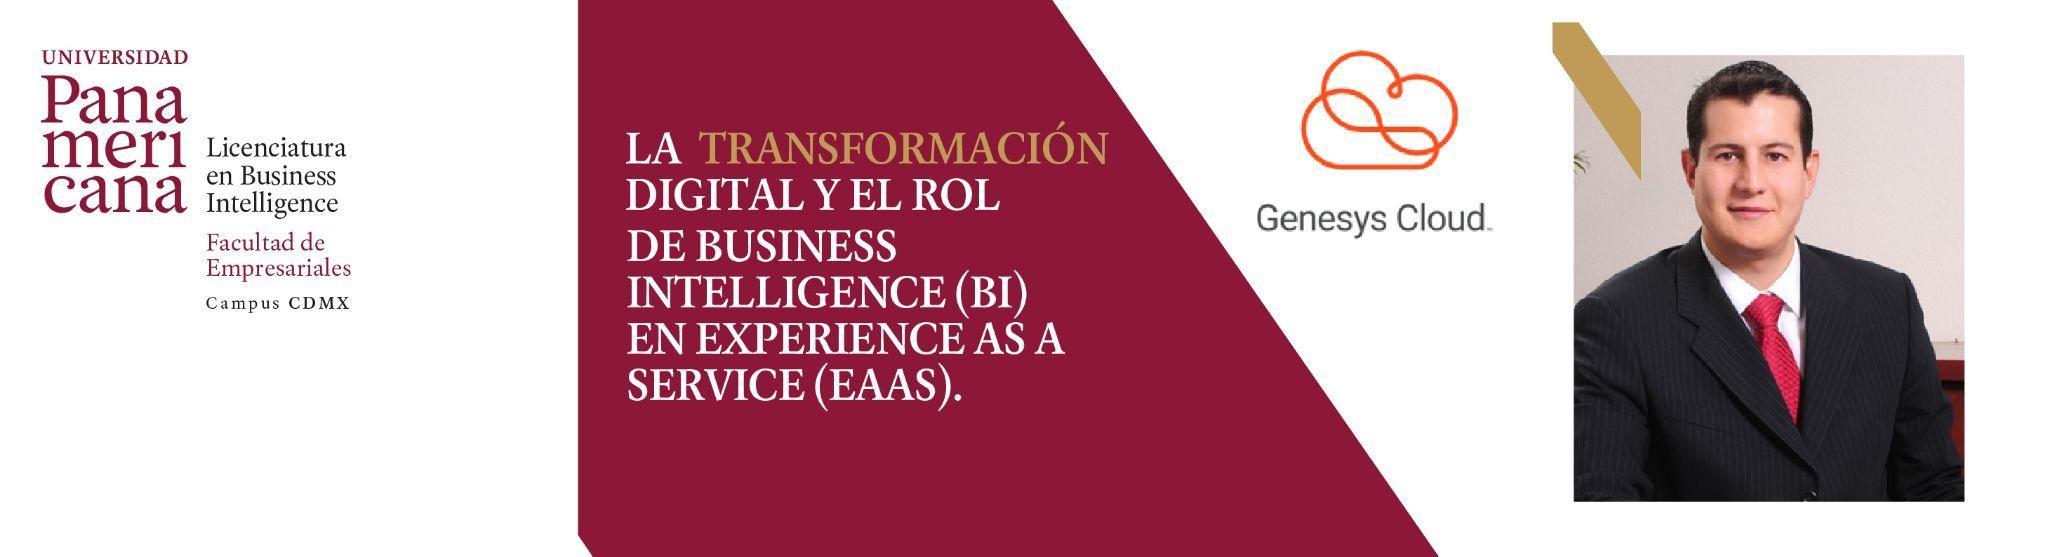 la-transformacion-digital-y-el-rol-de-buisness-intelligence-en-expirience-as-a-service